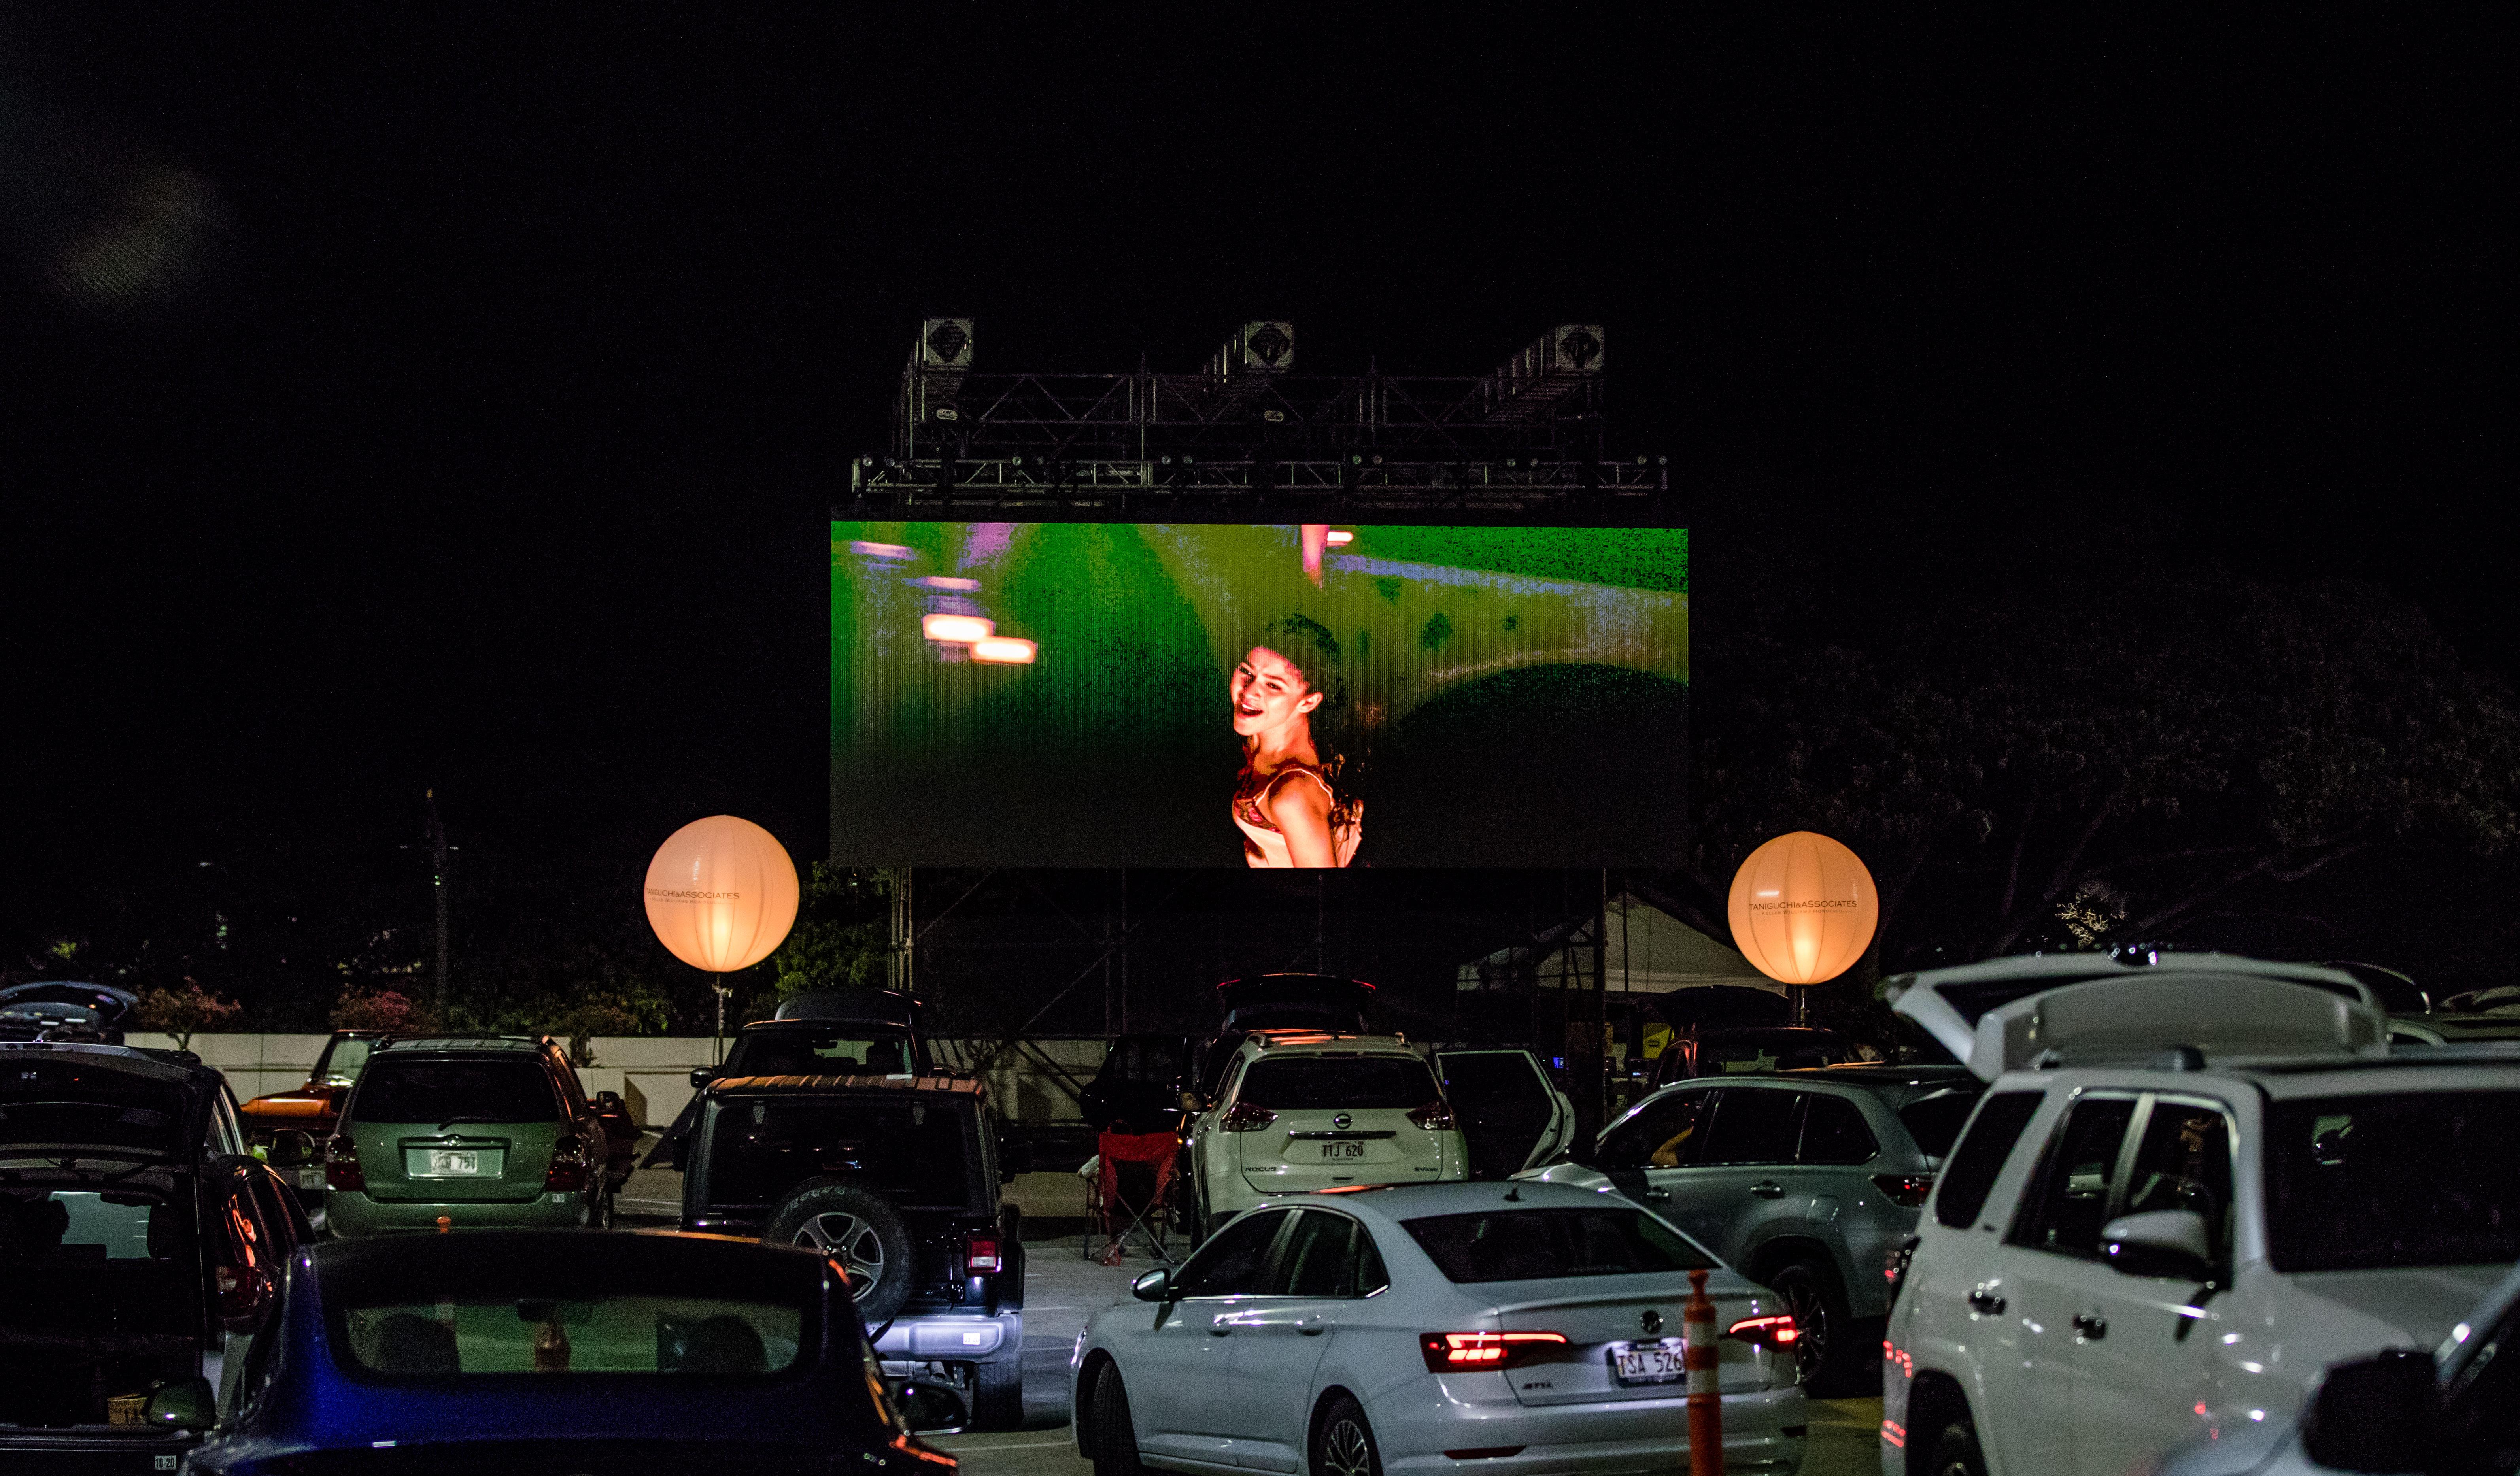 Drive Inn Movie Night at Ala Moana